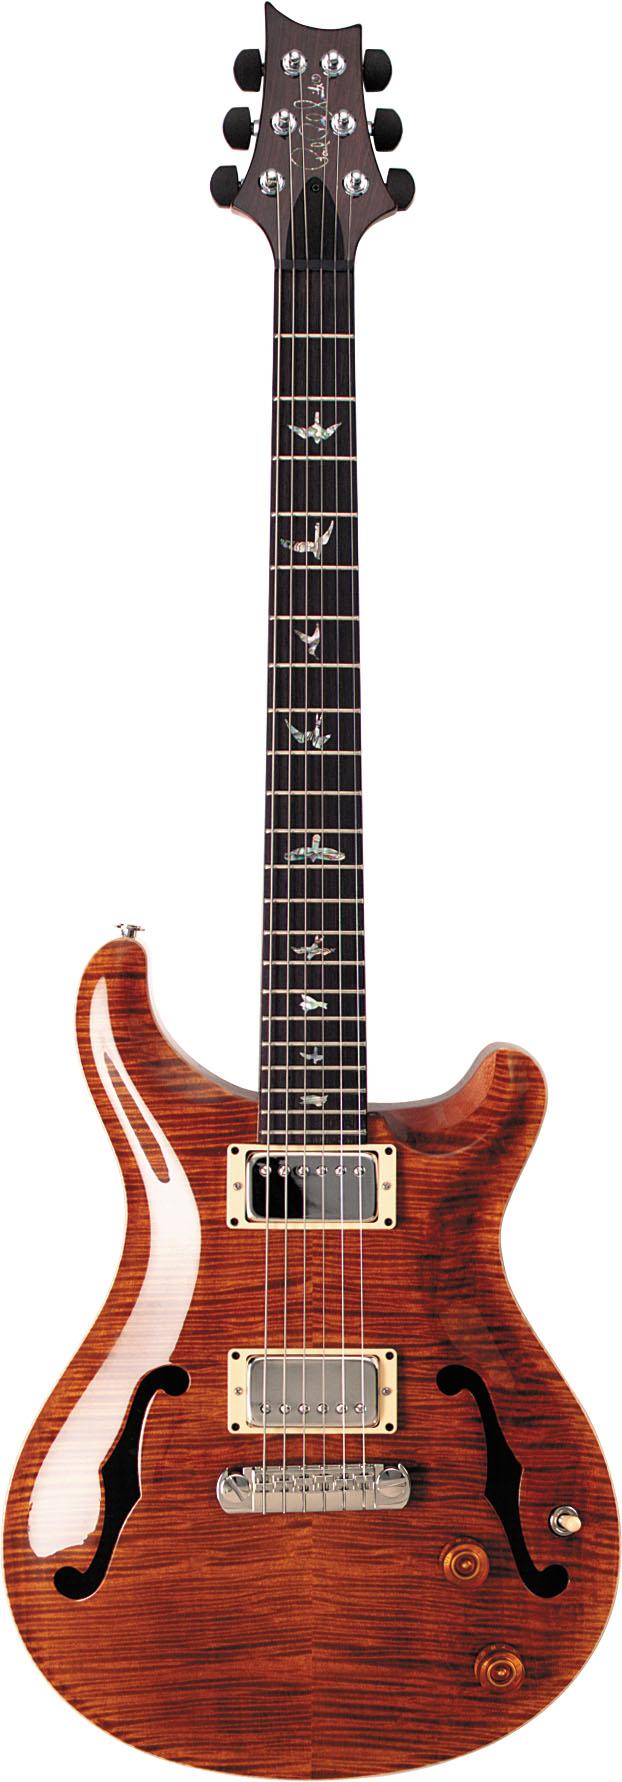 prs-guitar_large.jpg